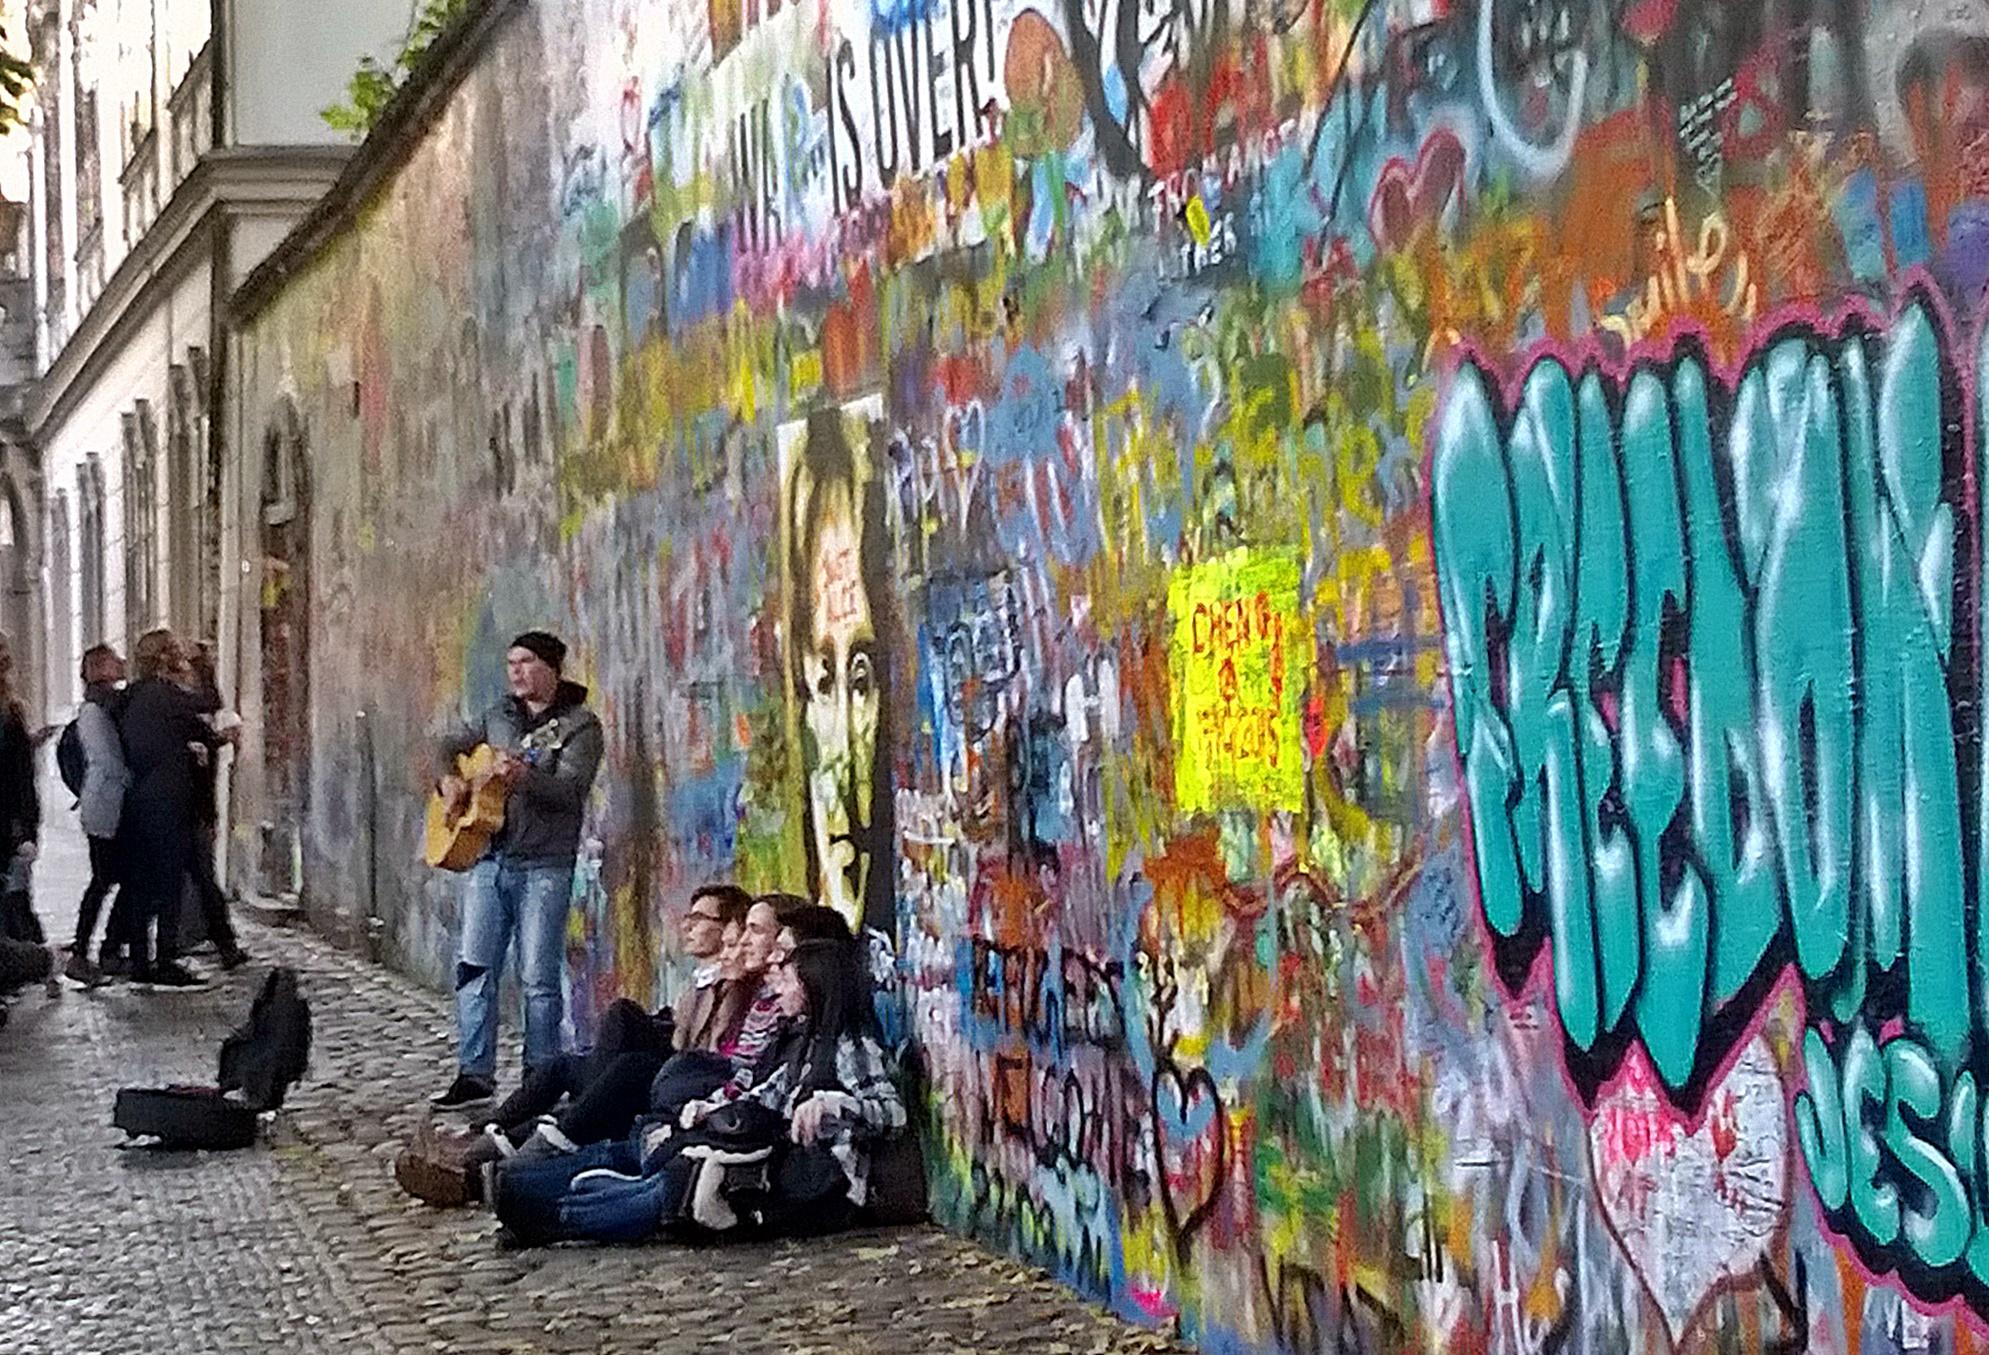 Legtöbbször Beatles számok csendülnek fel a fal tövében